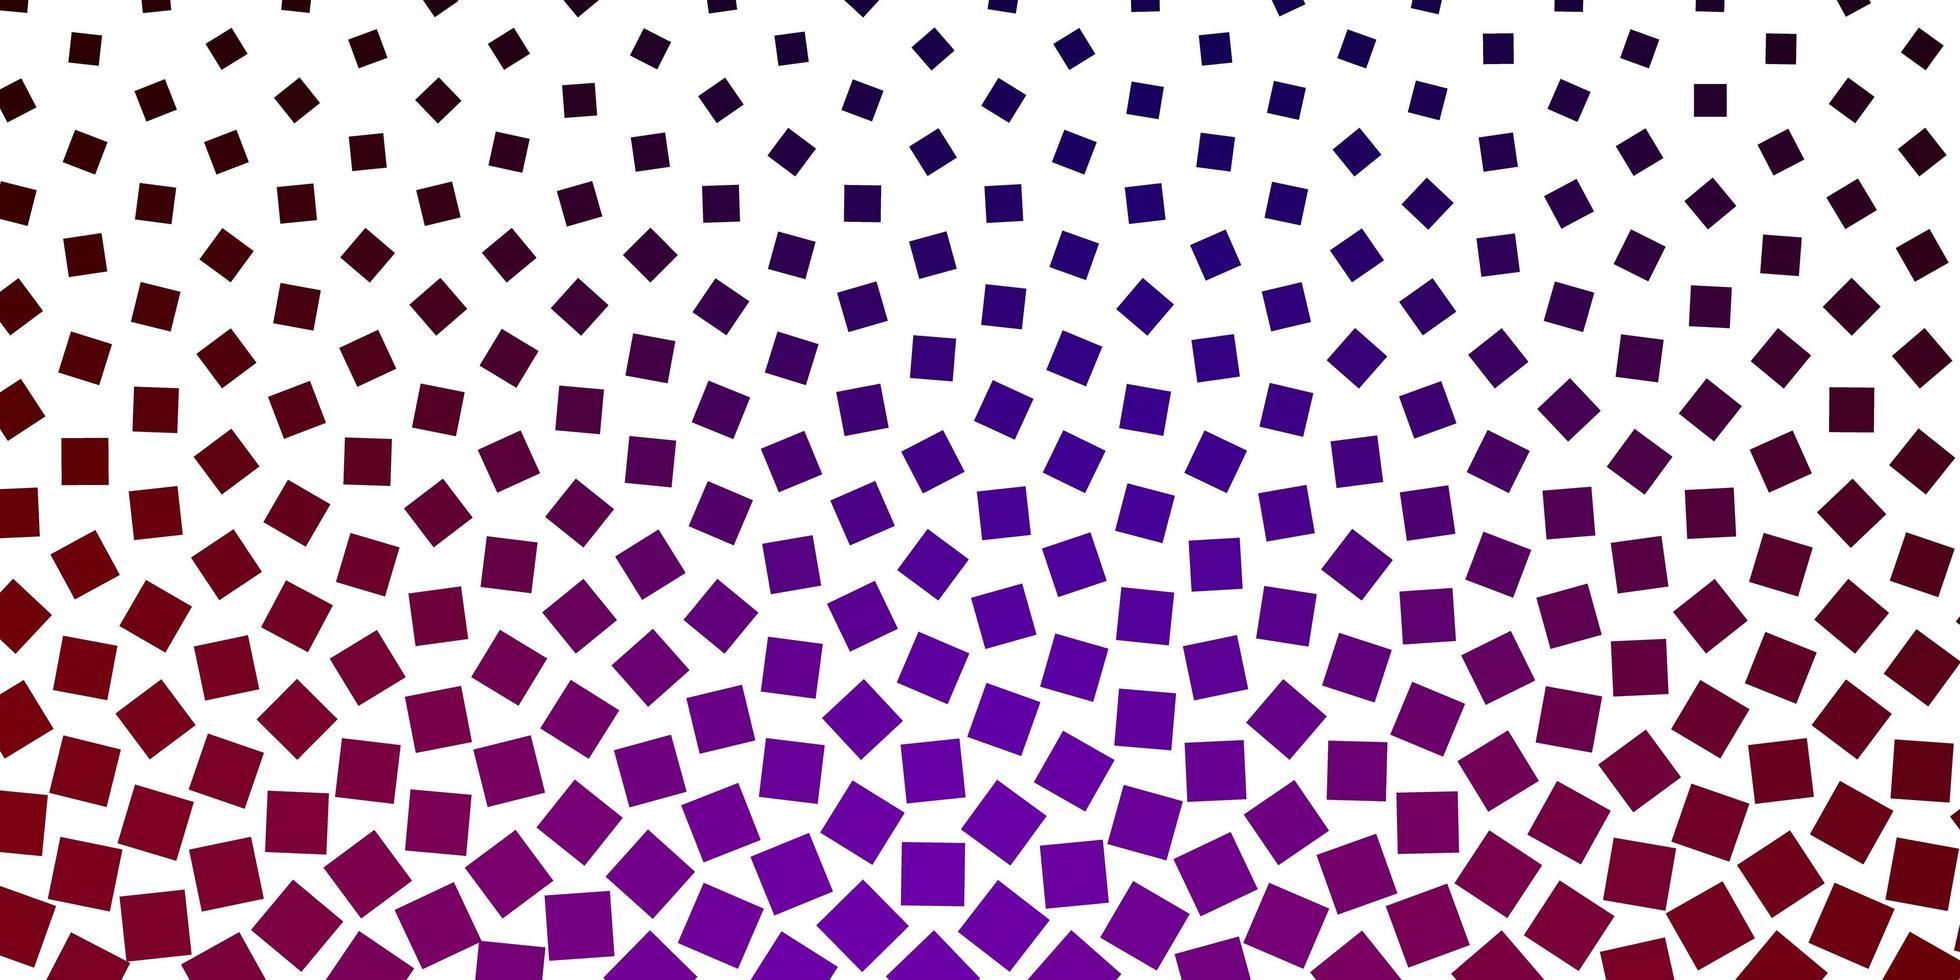 layout vermelho escuro e roxo com quadrados. vetor